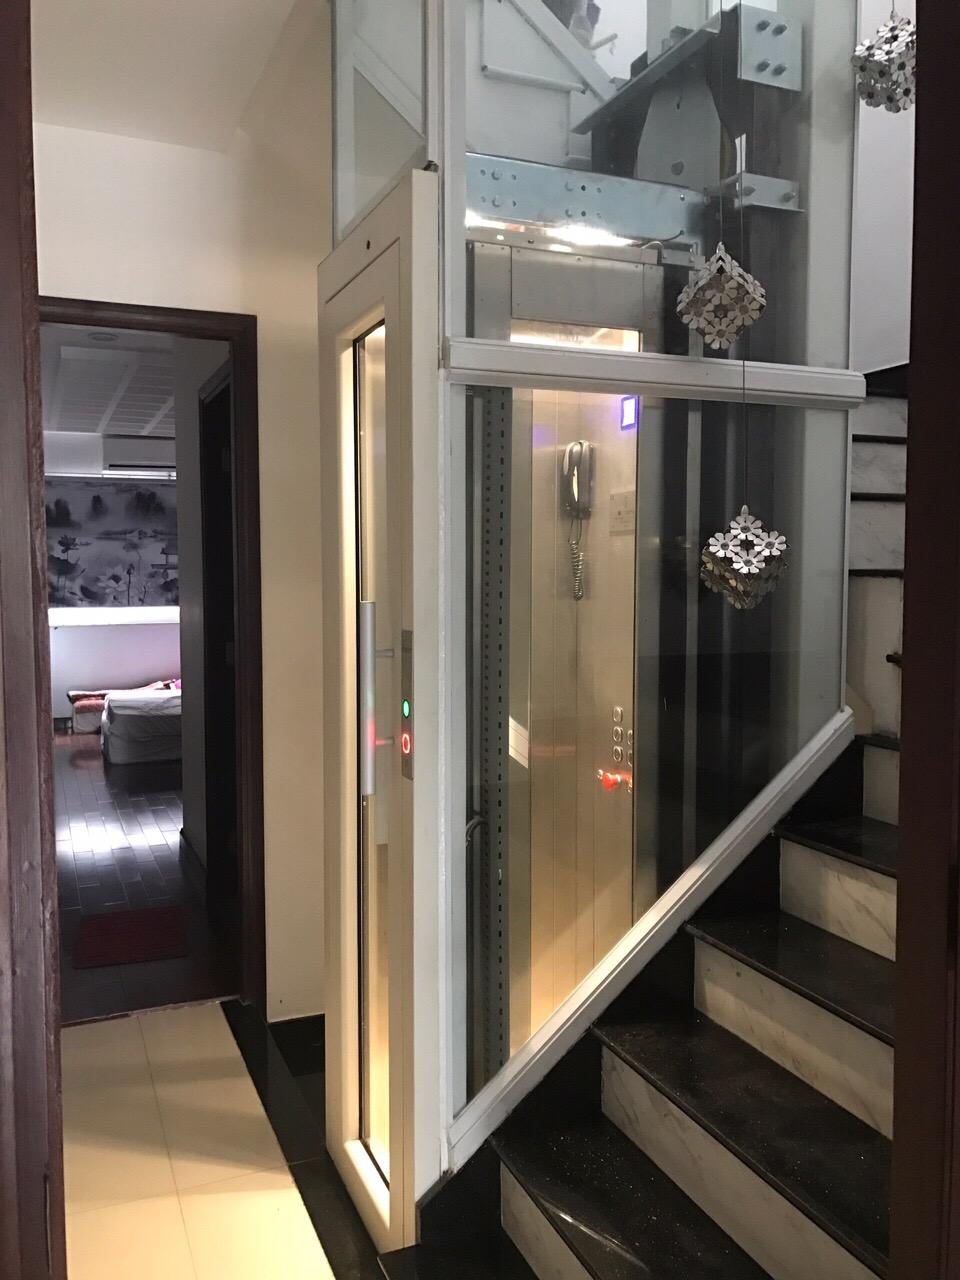 Thang máy không hố PIT , không phòng máy của Thang máy gia đình Gama lắp đặt tại Tp. Hồ Chí Minh